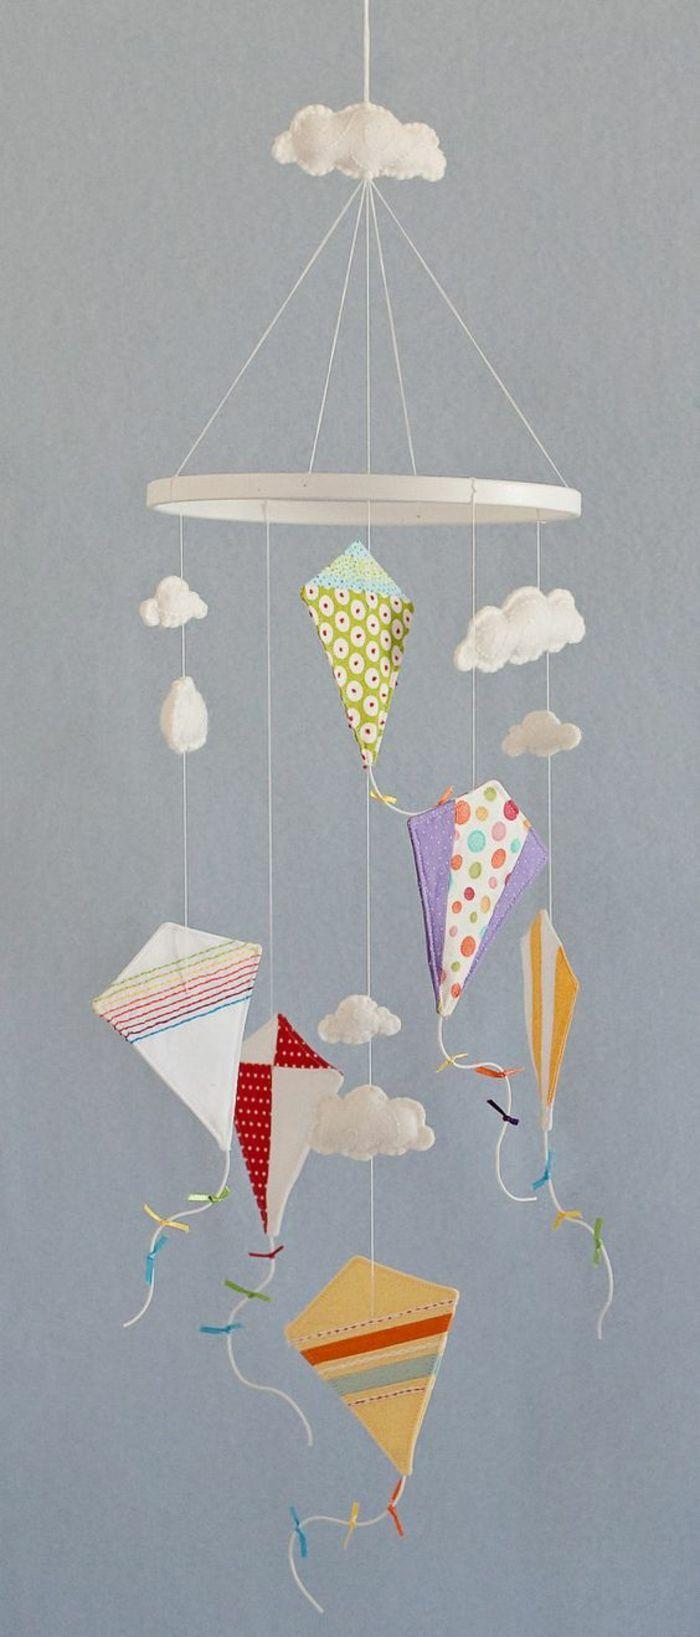 Drachen basteln als Mobile fürs Kinderzimmer - Bastelideen mit ...